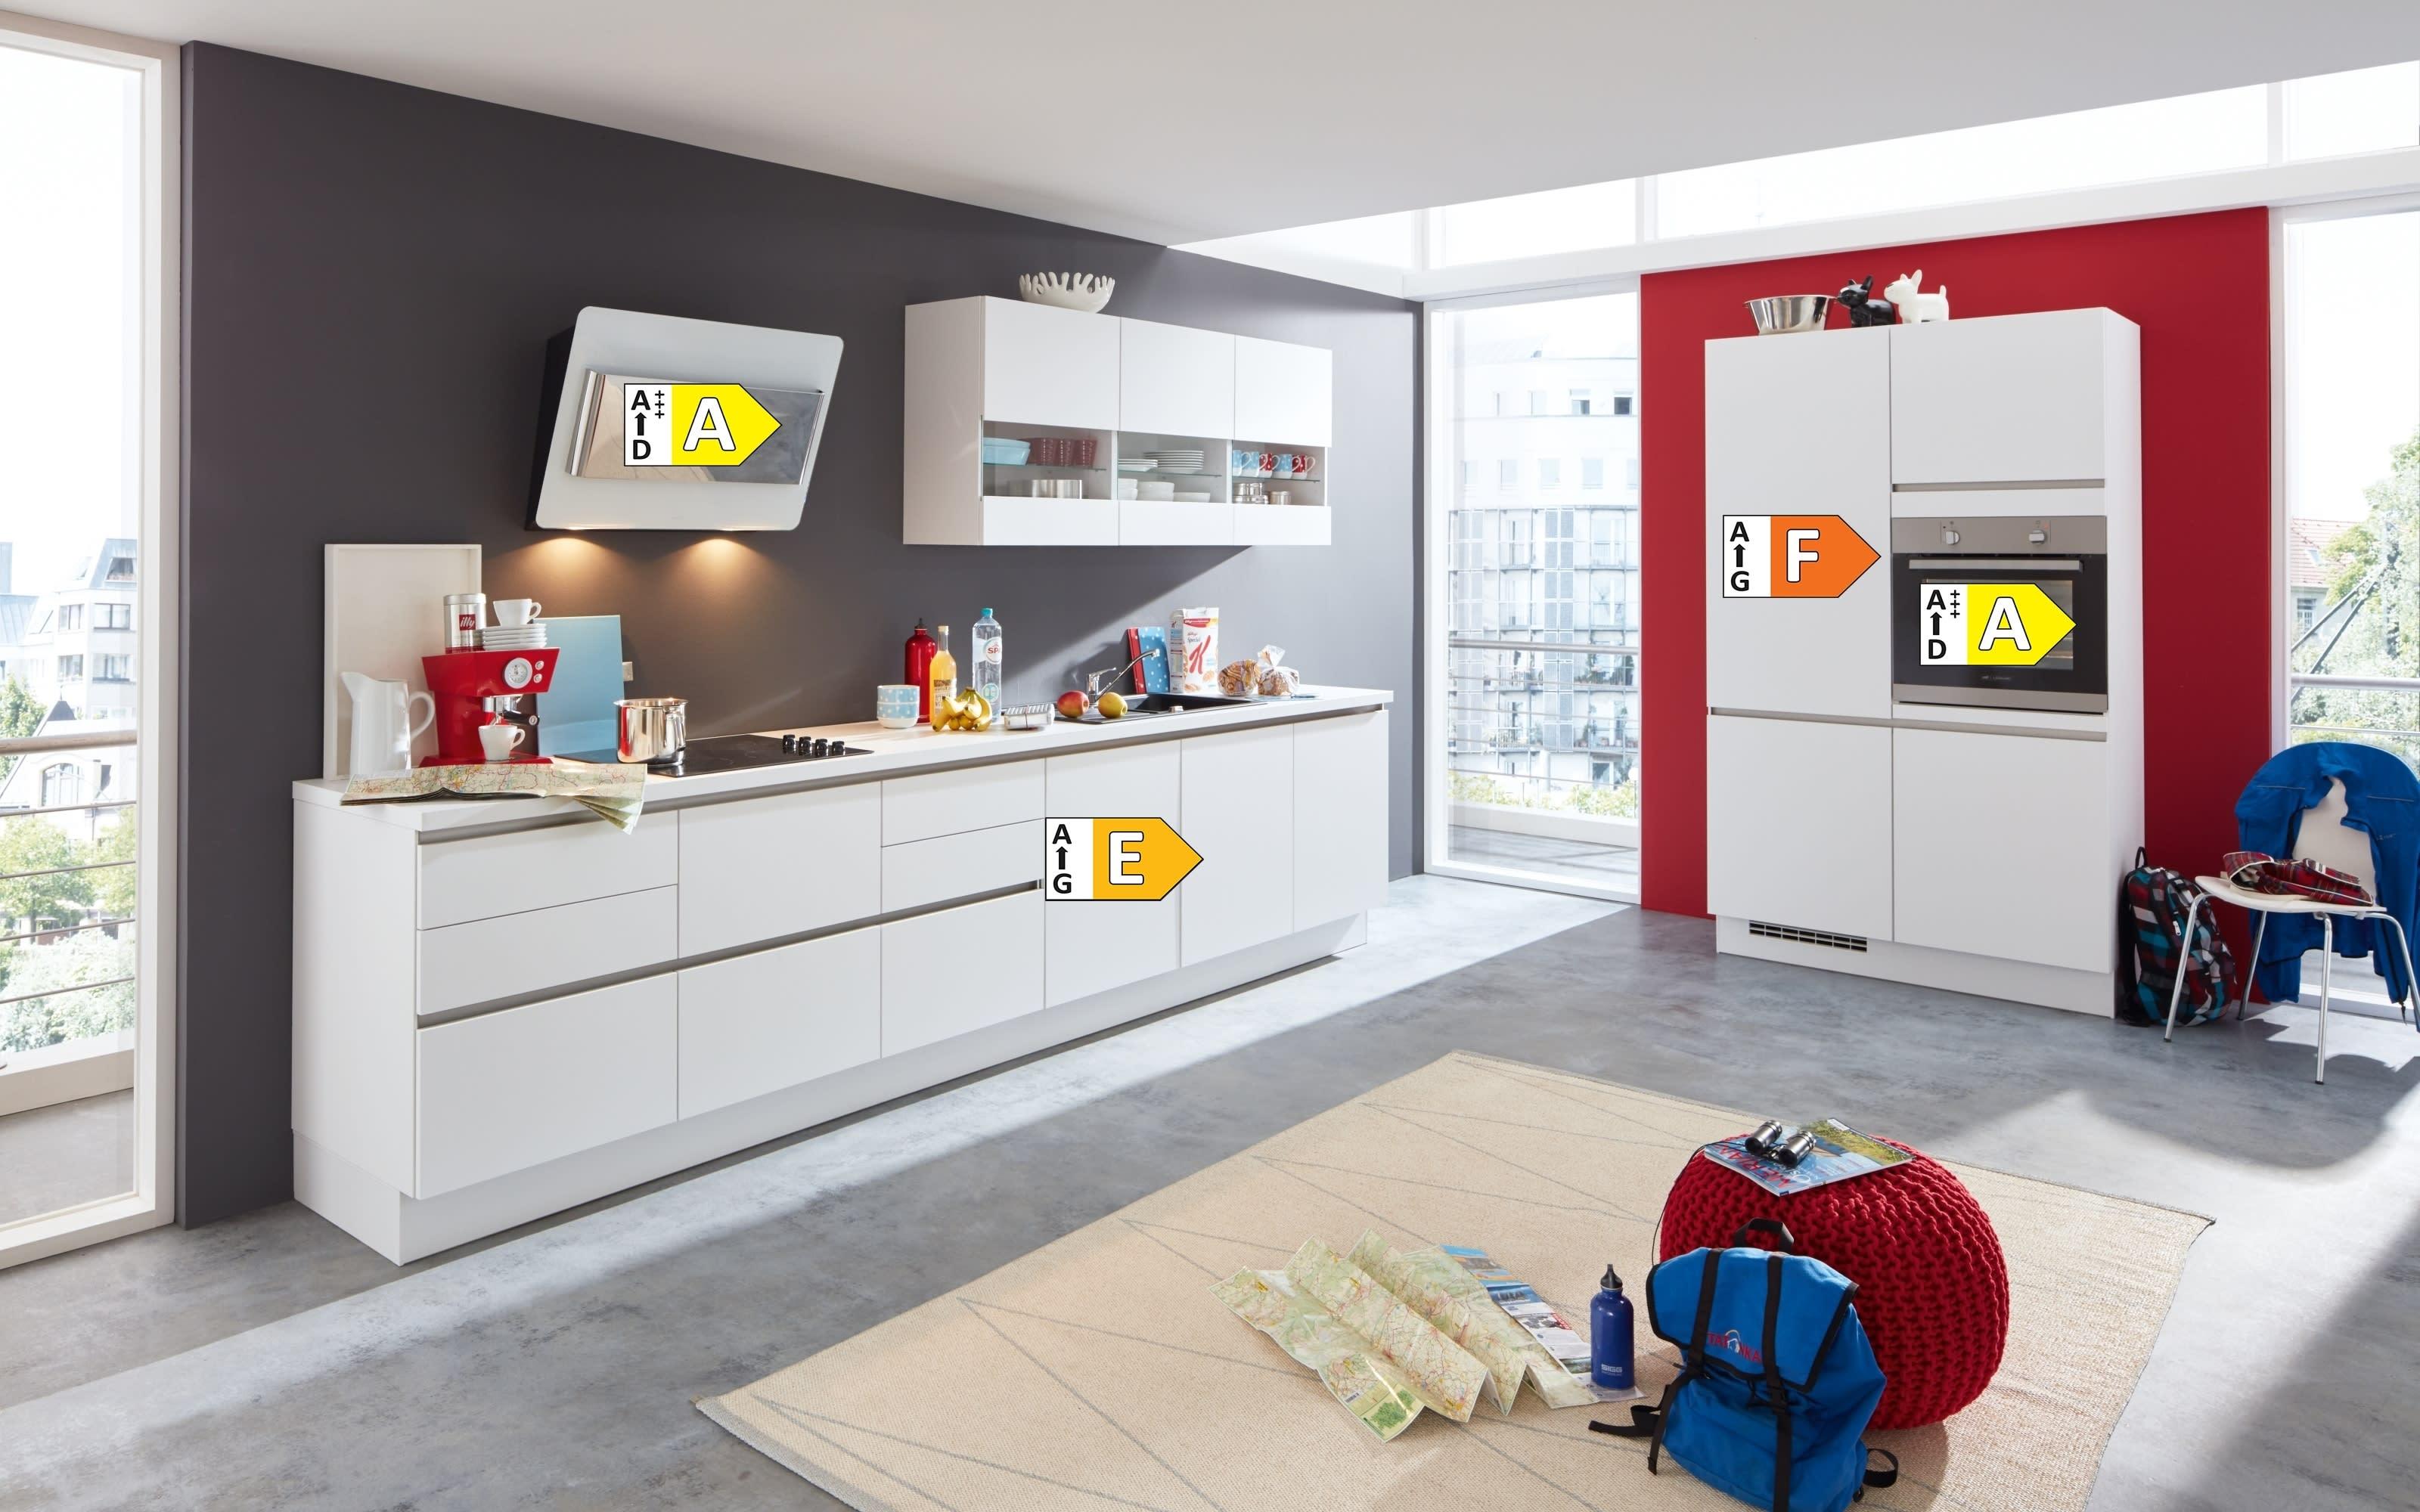 Einbauküche Laser, alpinweiß, inklusive Elektrogeräte